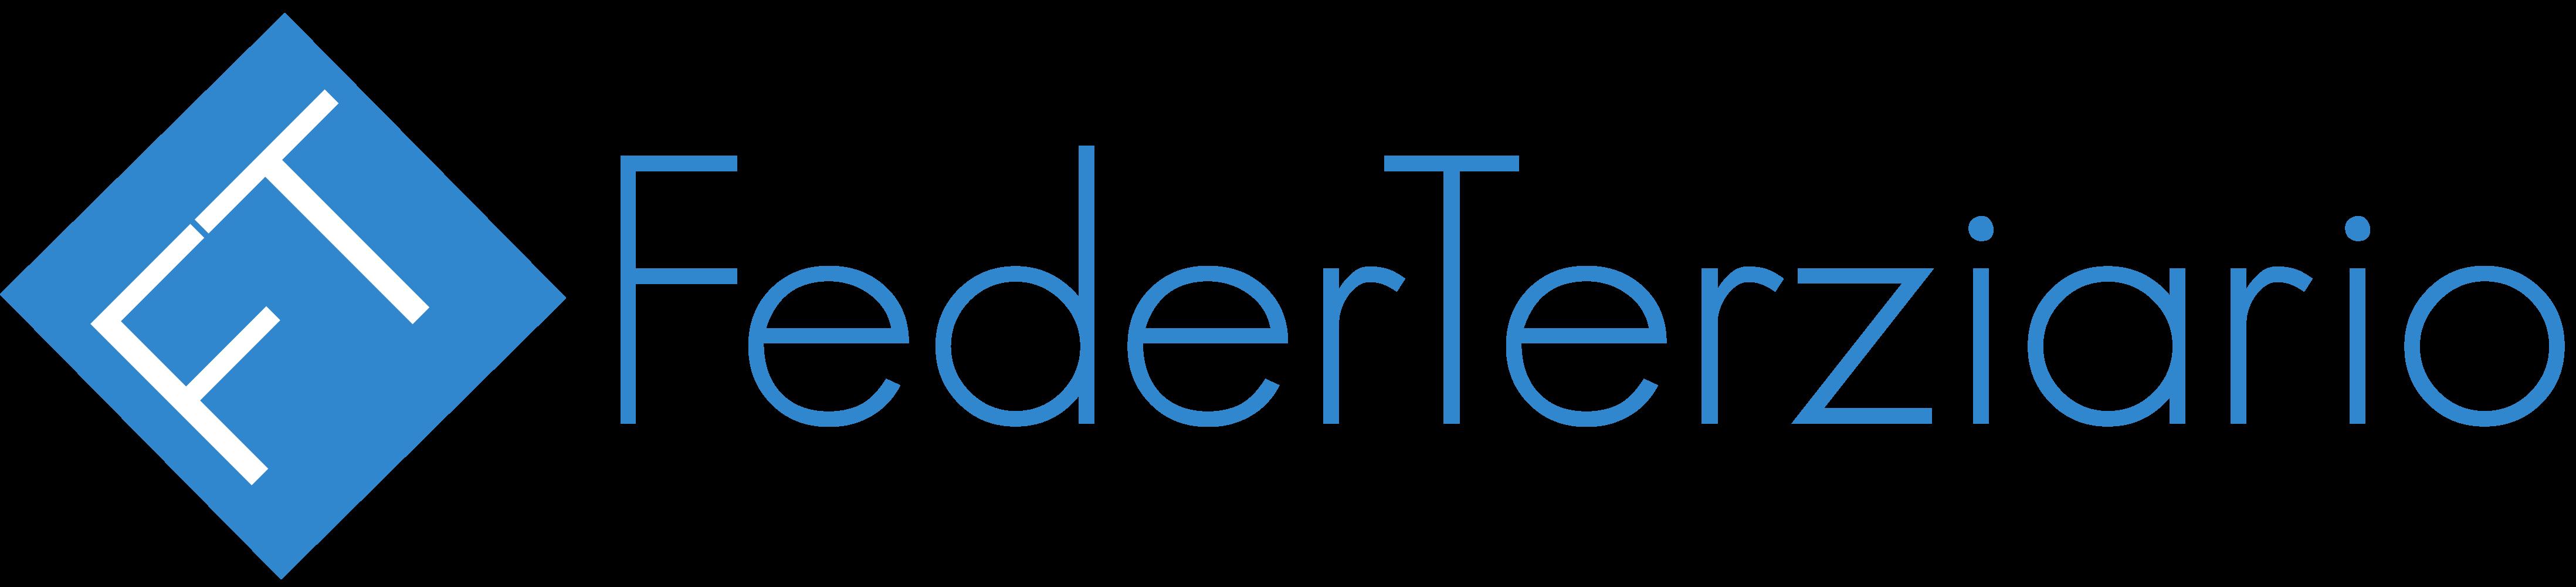 FederTerziario :: Confederazione di Associazioni Datoriali